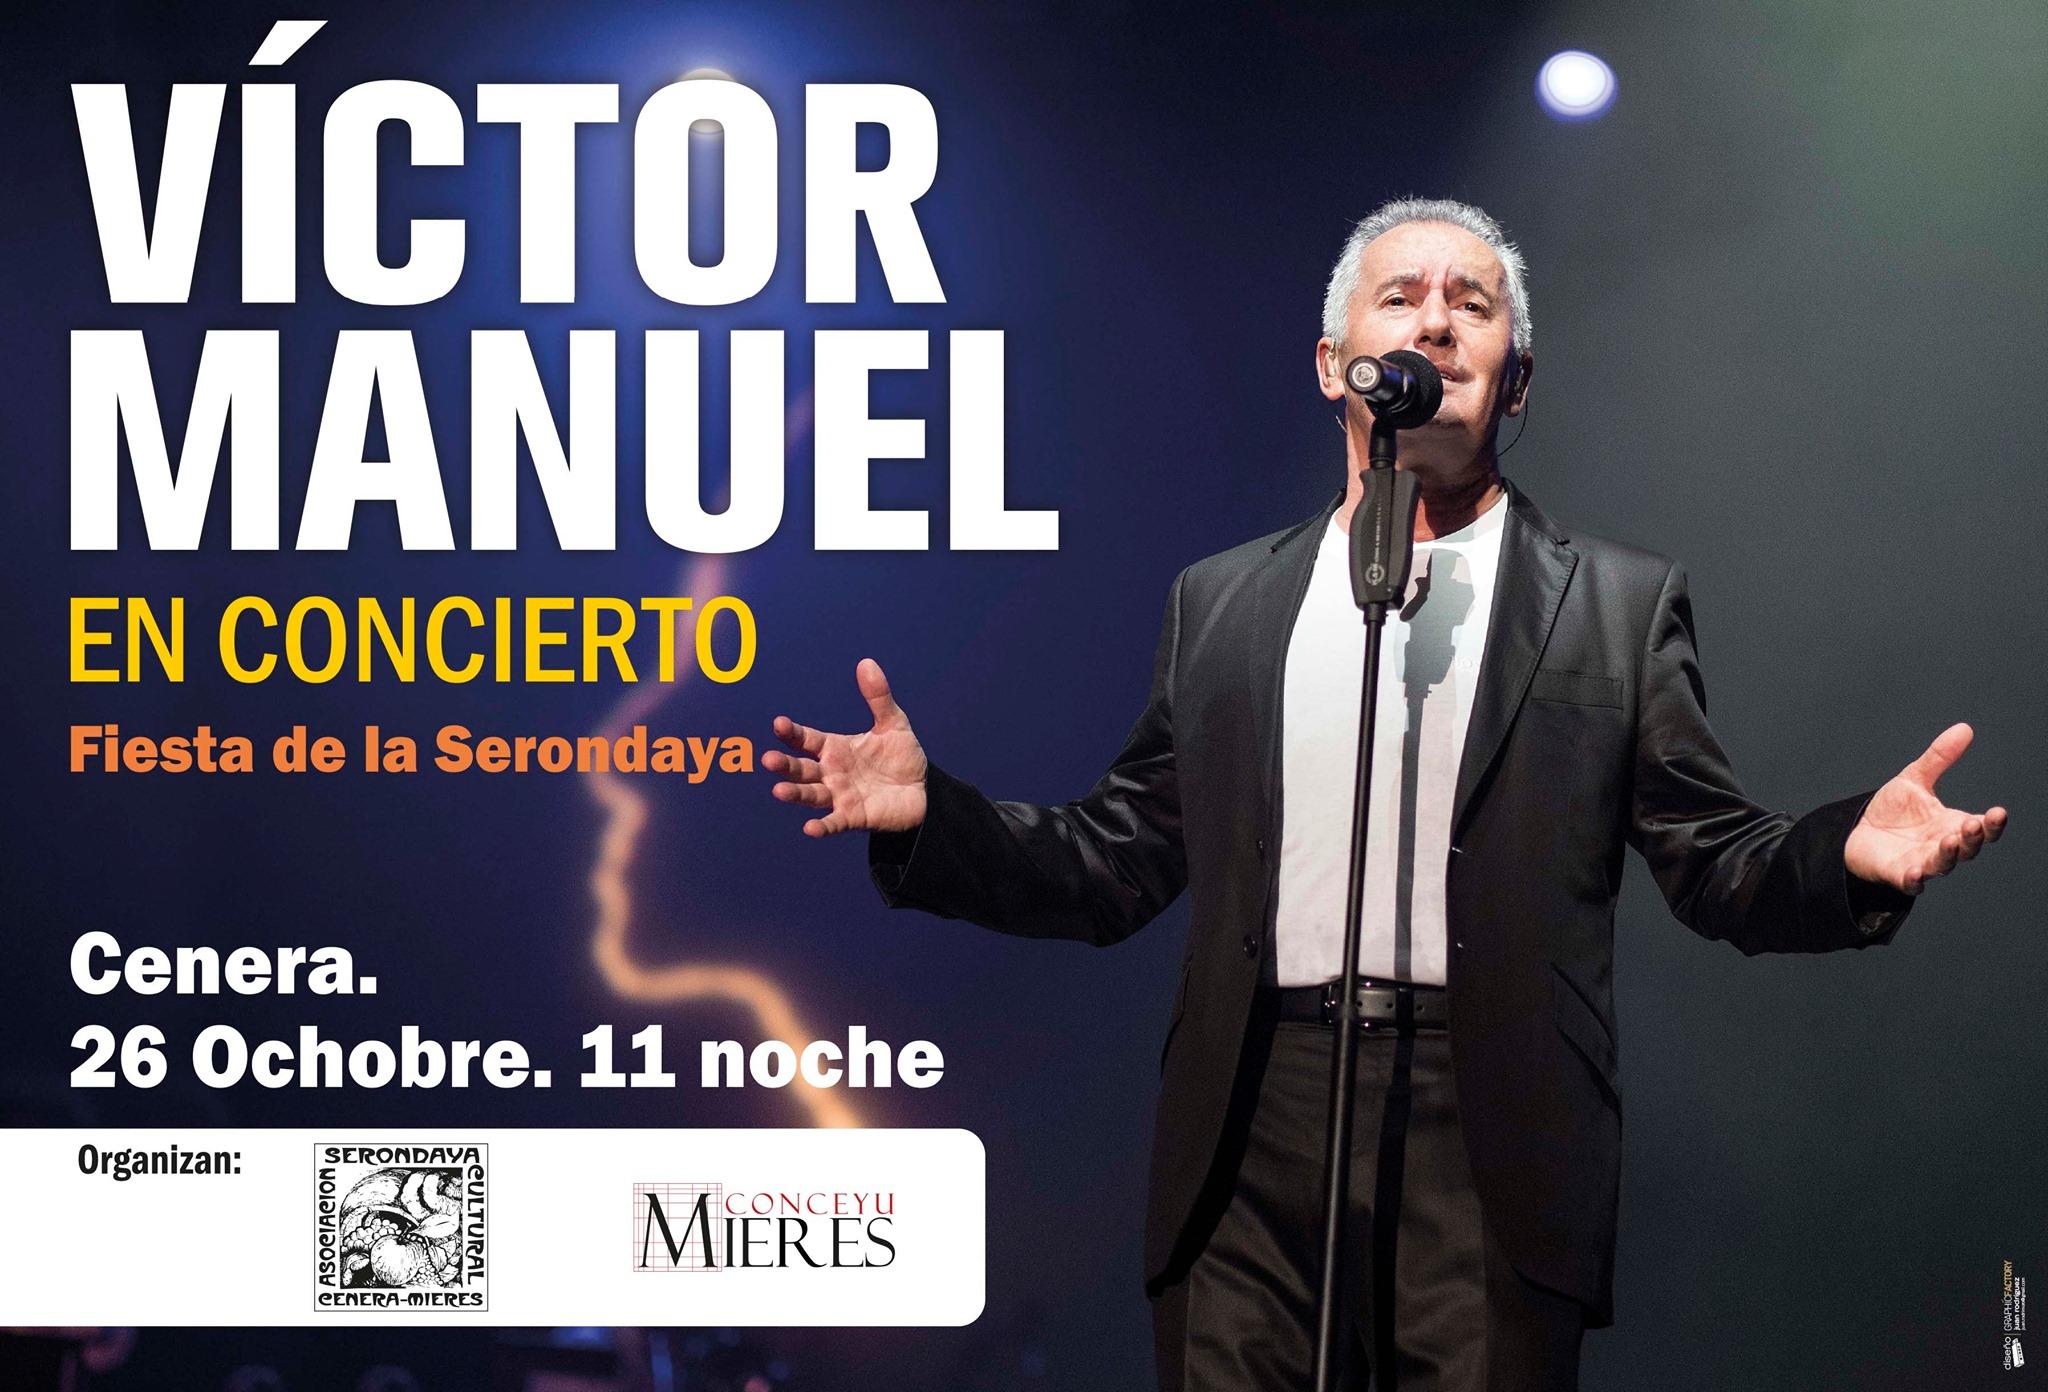 victor en concierto